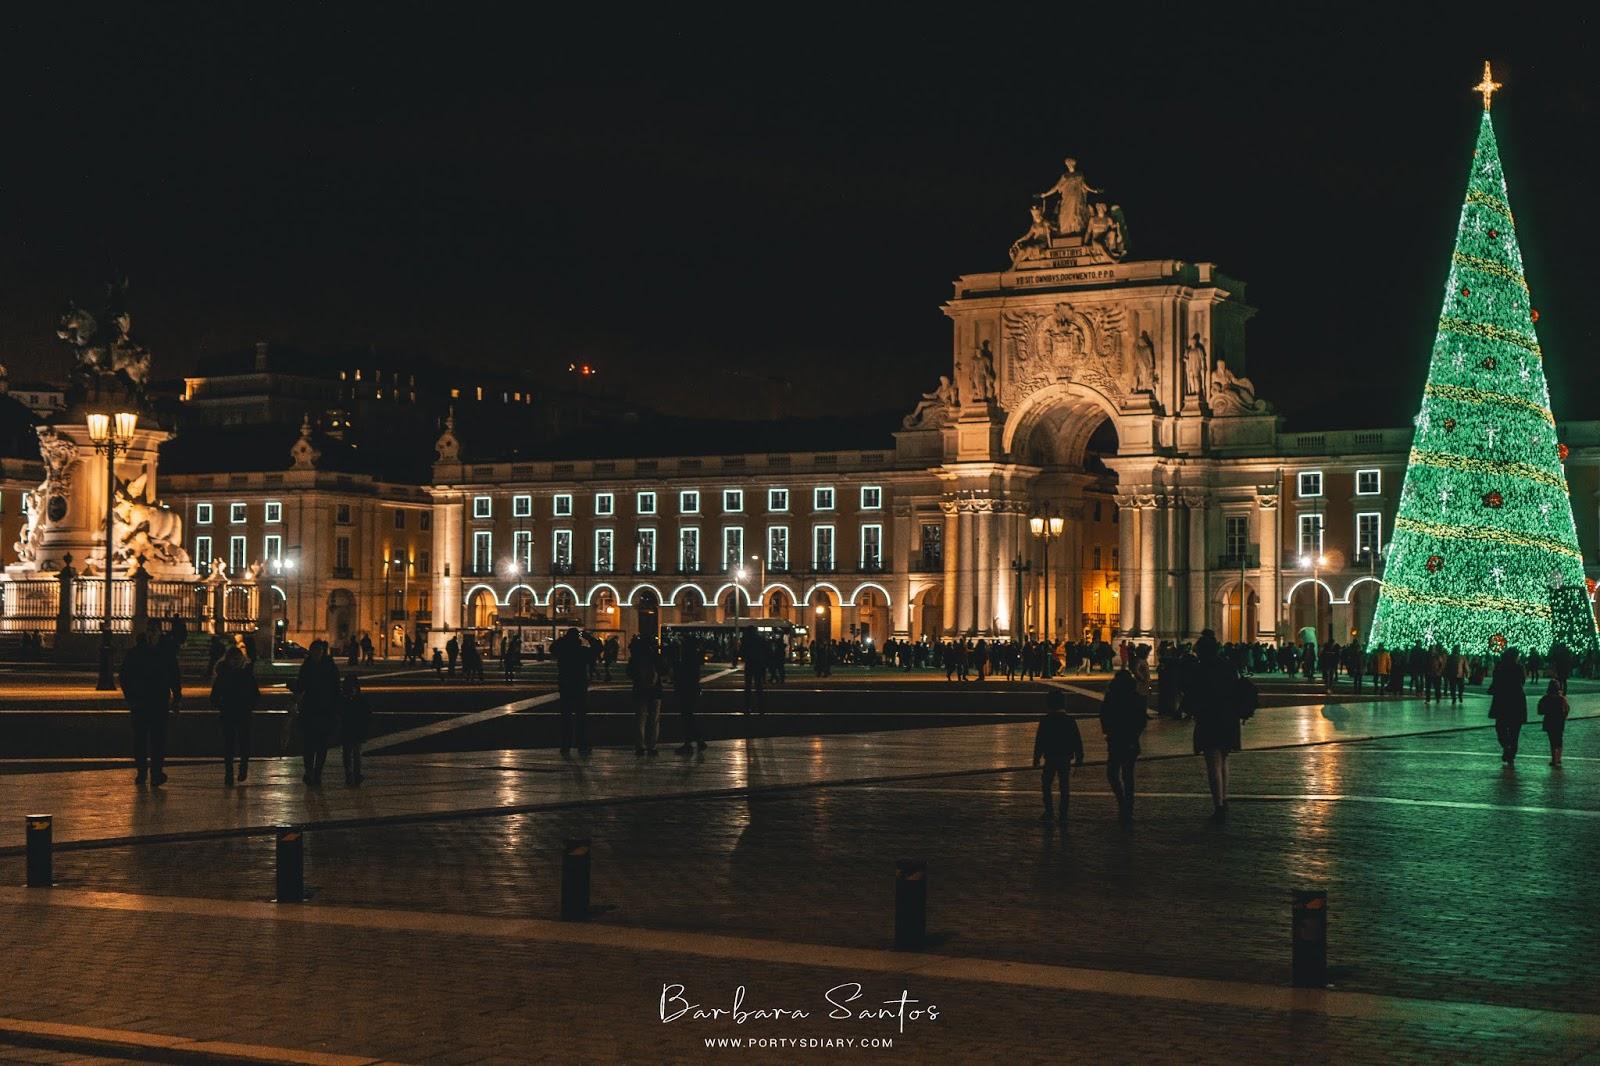 Praça do Comércio during Christmas time